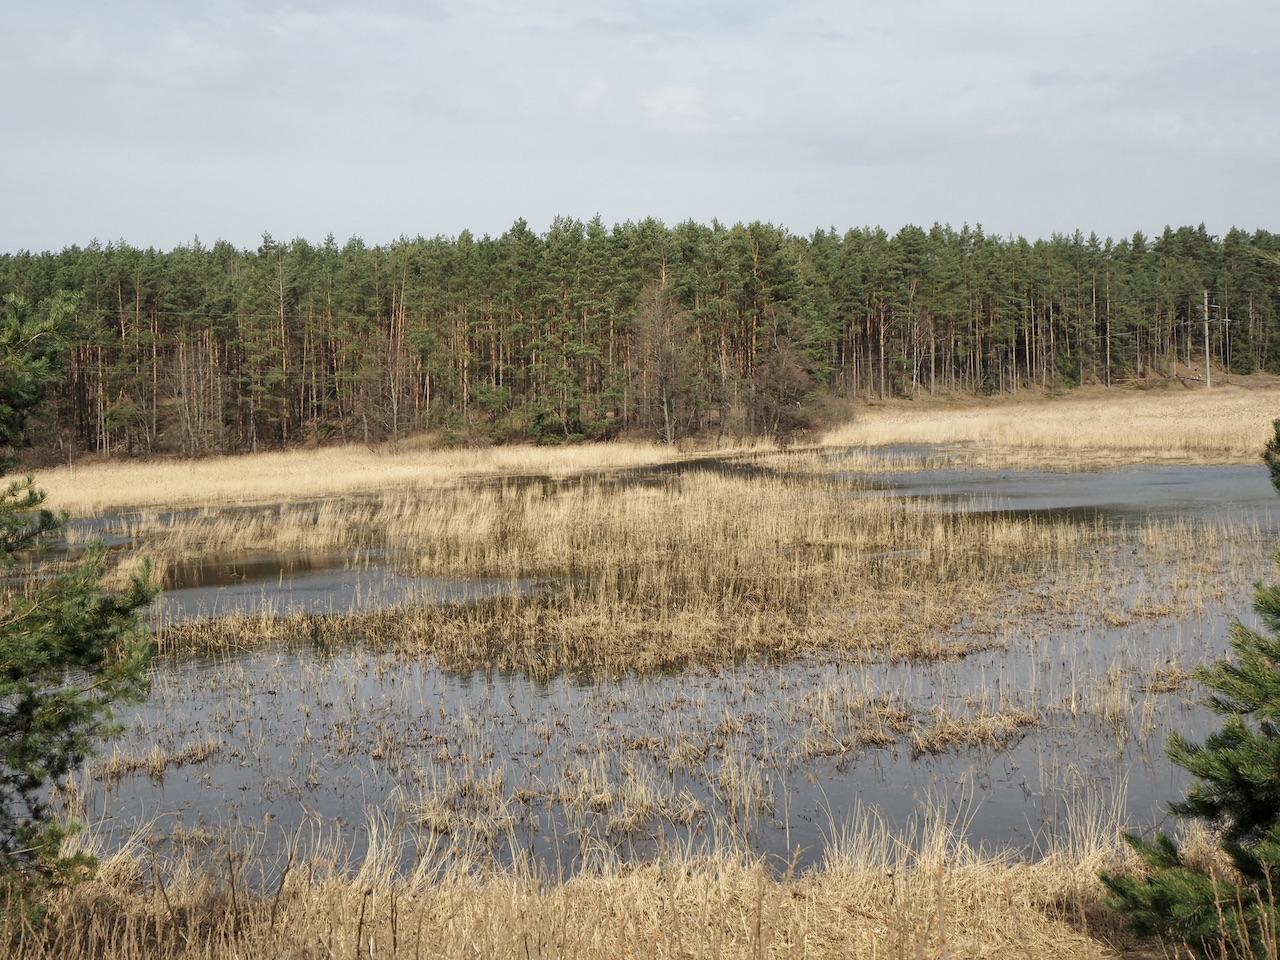 Senųjų kaimų takas ties Krempliais tvenkinys